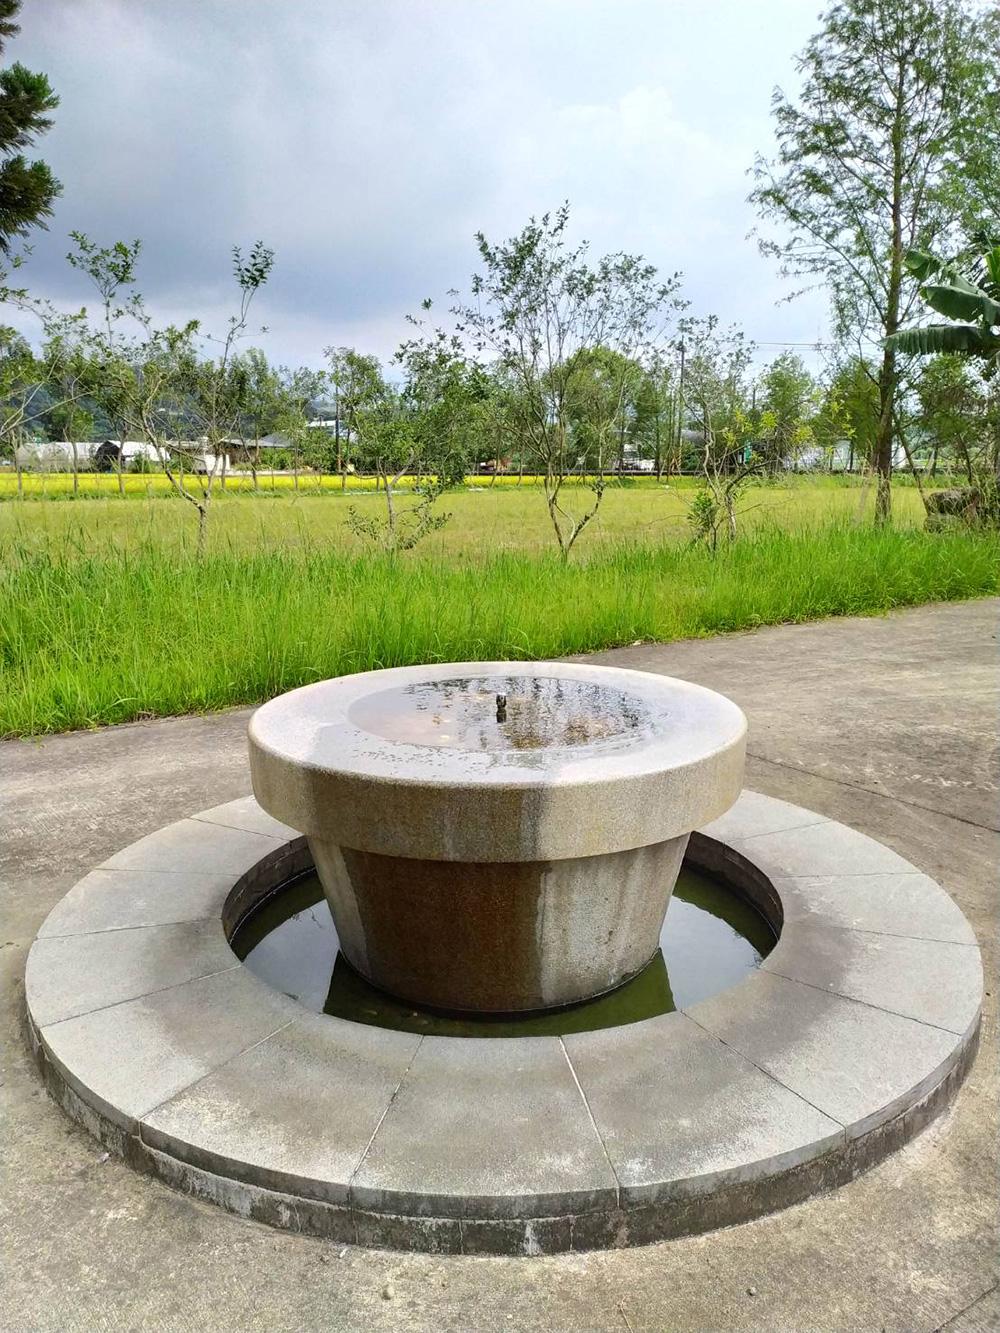 大溪水資源中心設有景觀步道,入口水池